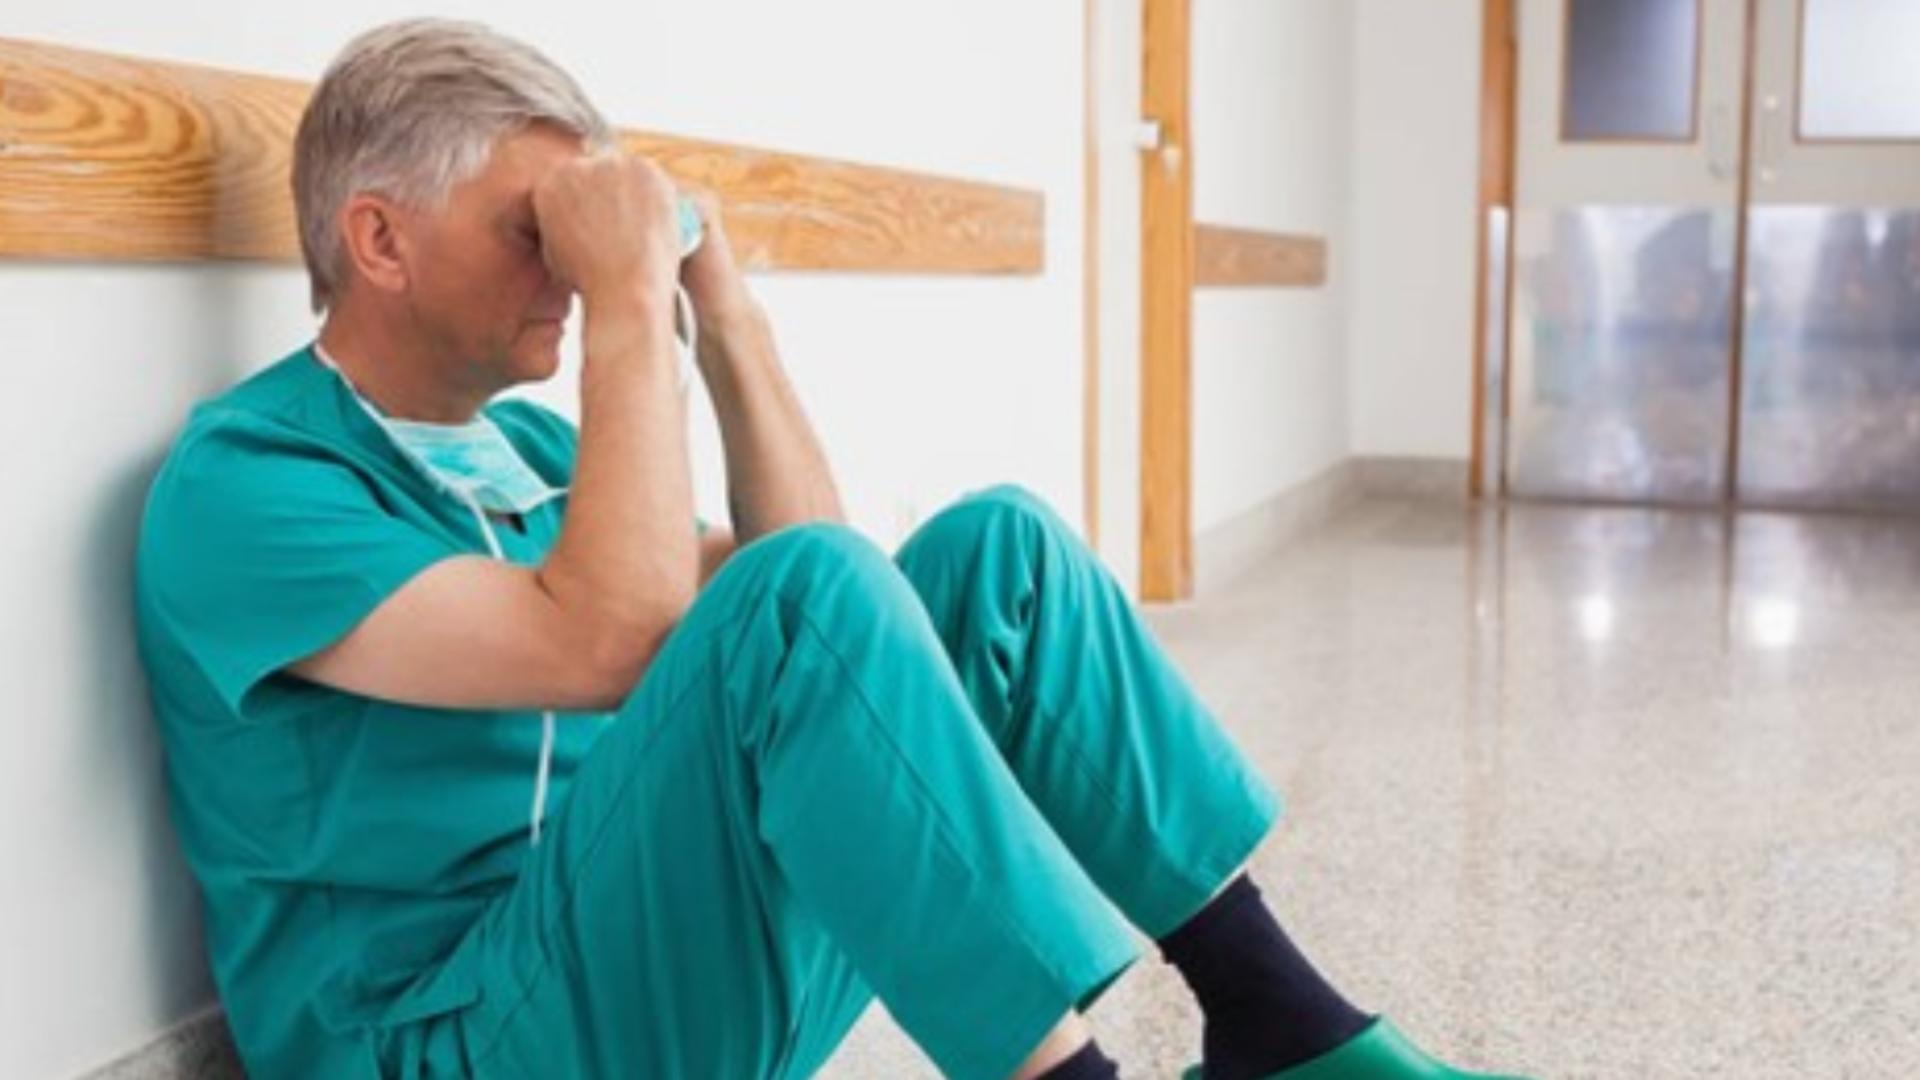 Peste jumătate dintre medicii care tratează pacienți bolnavi de COVID-19 au BURNOUT, după un an de pandemie